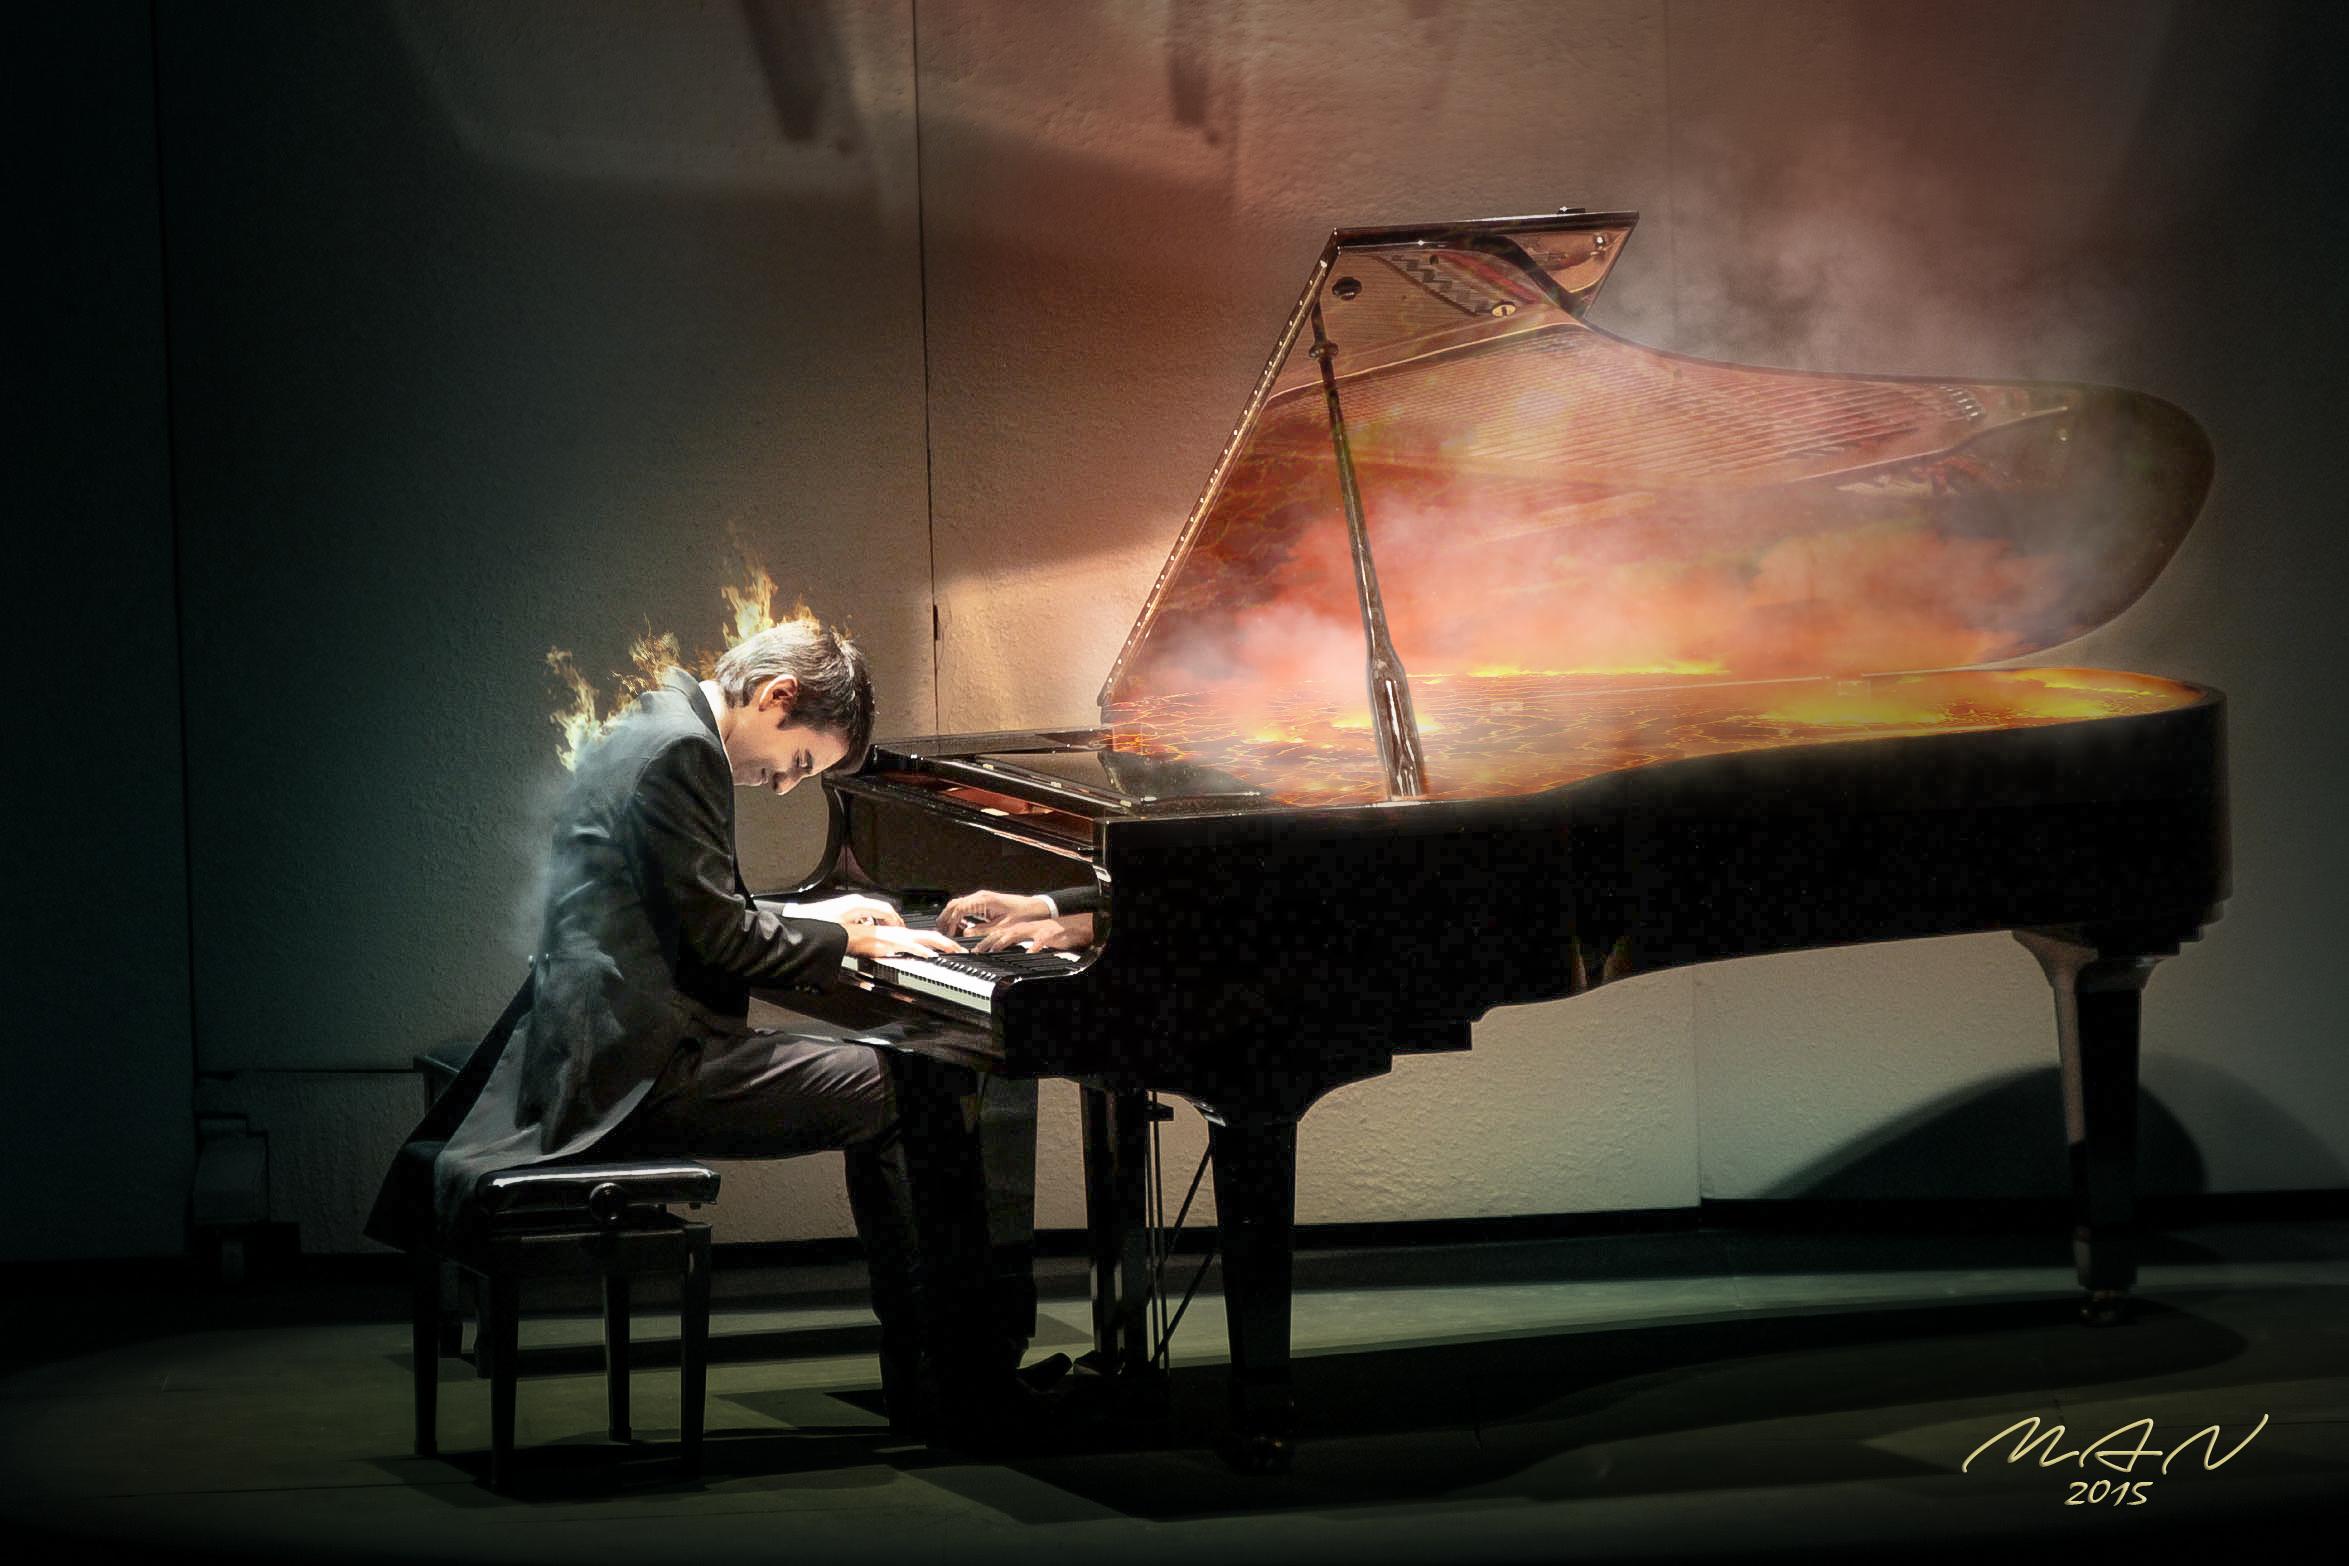 Днюхой картинки, пианист картинки креативные